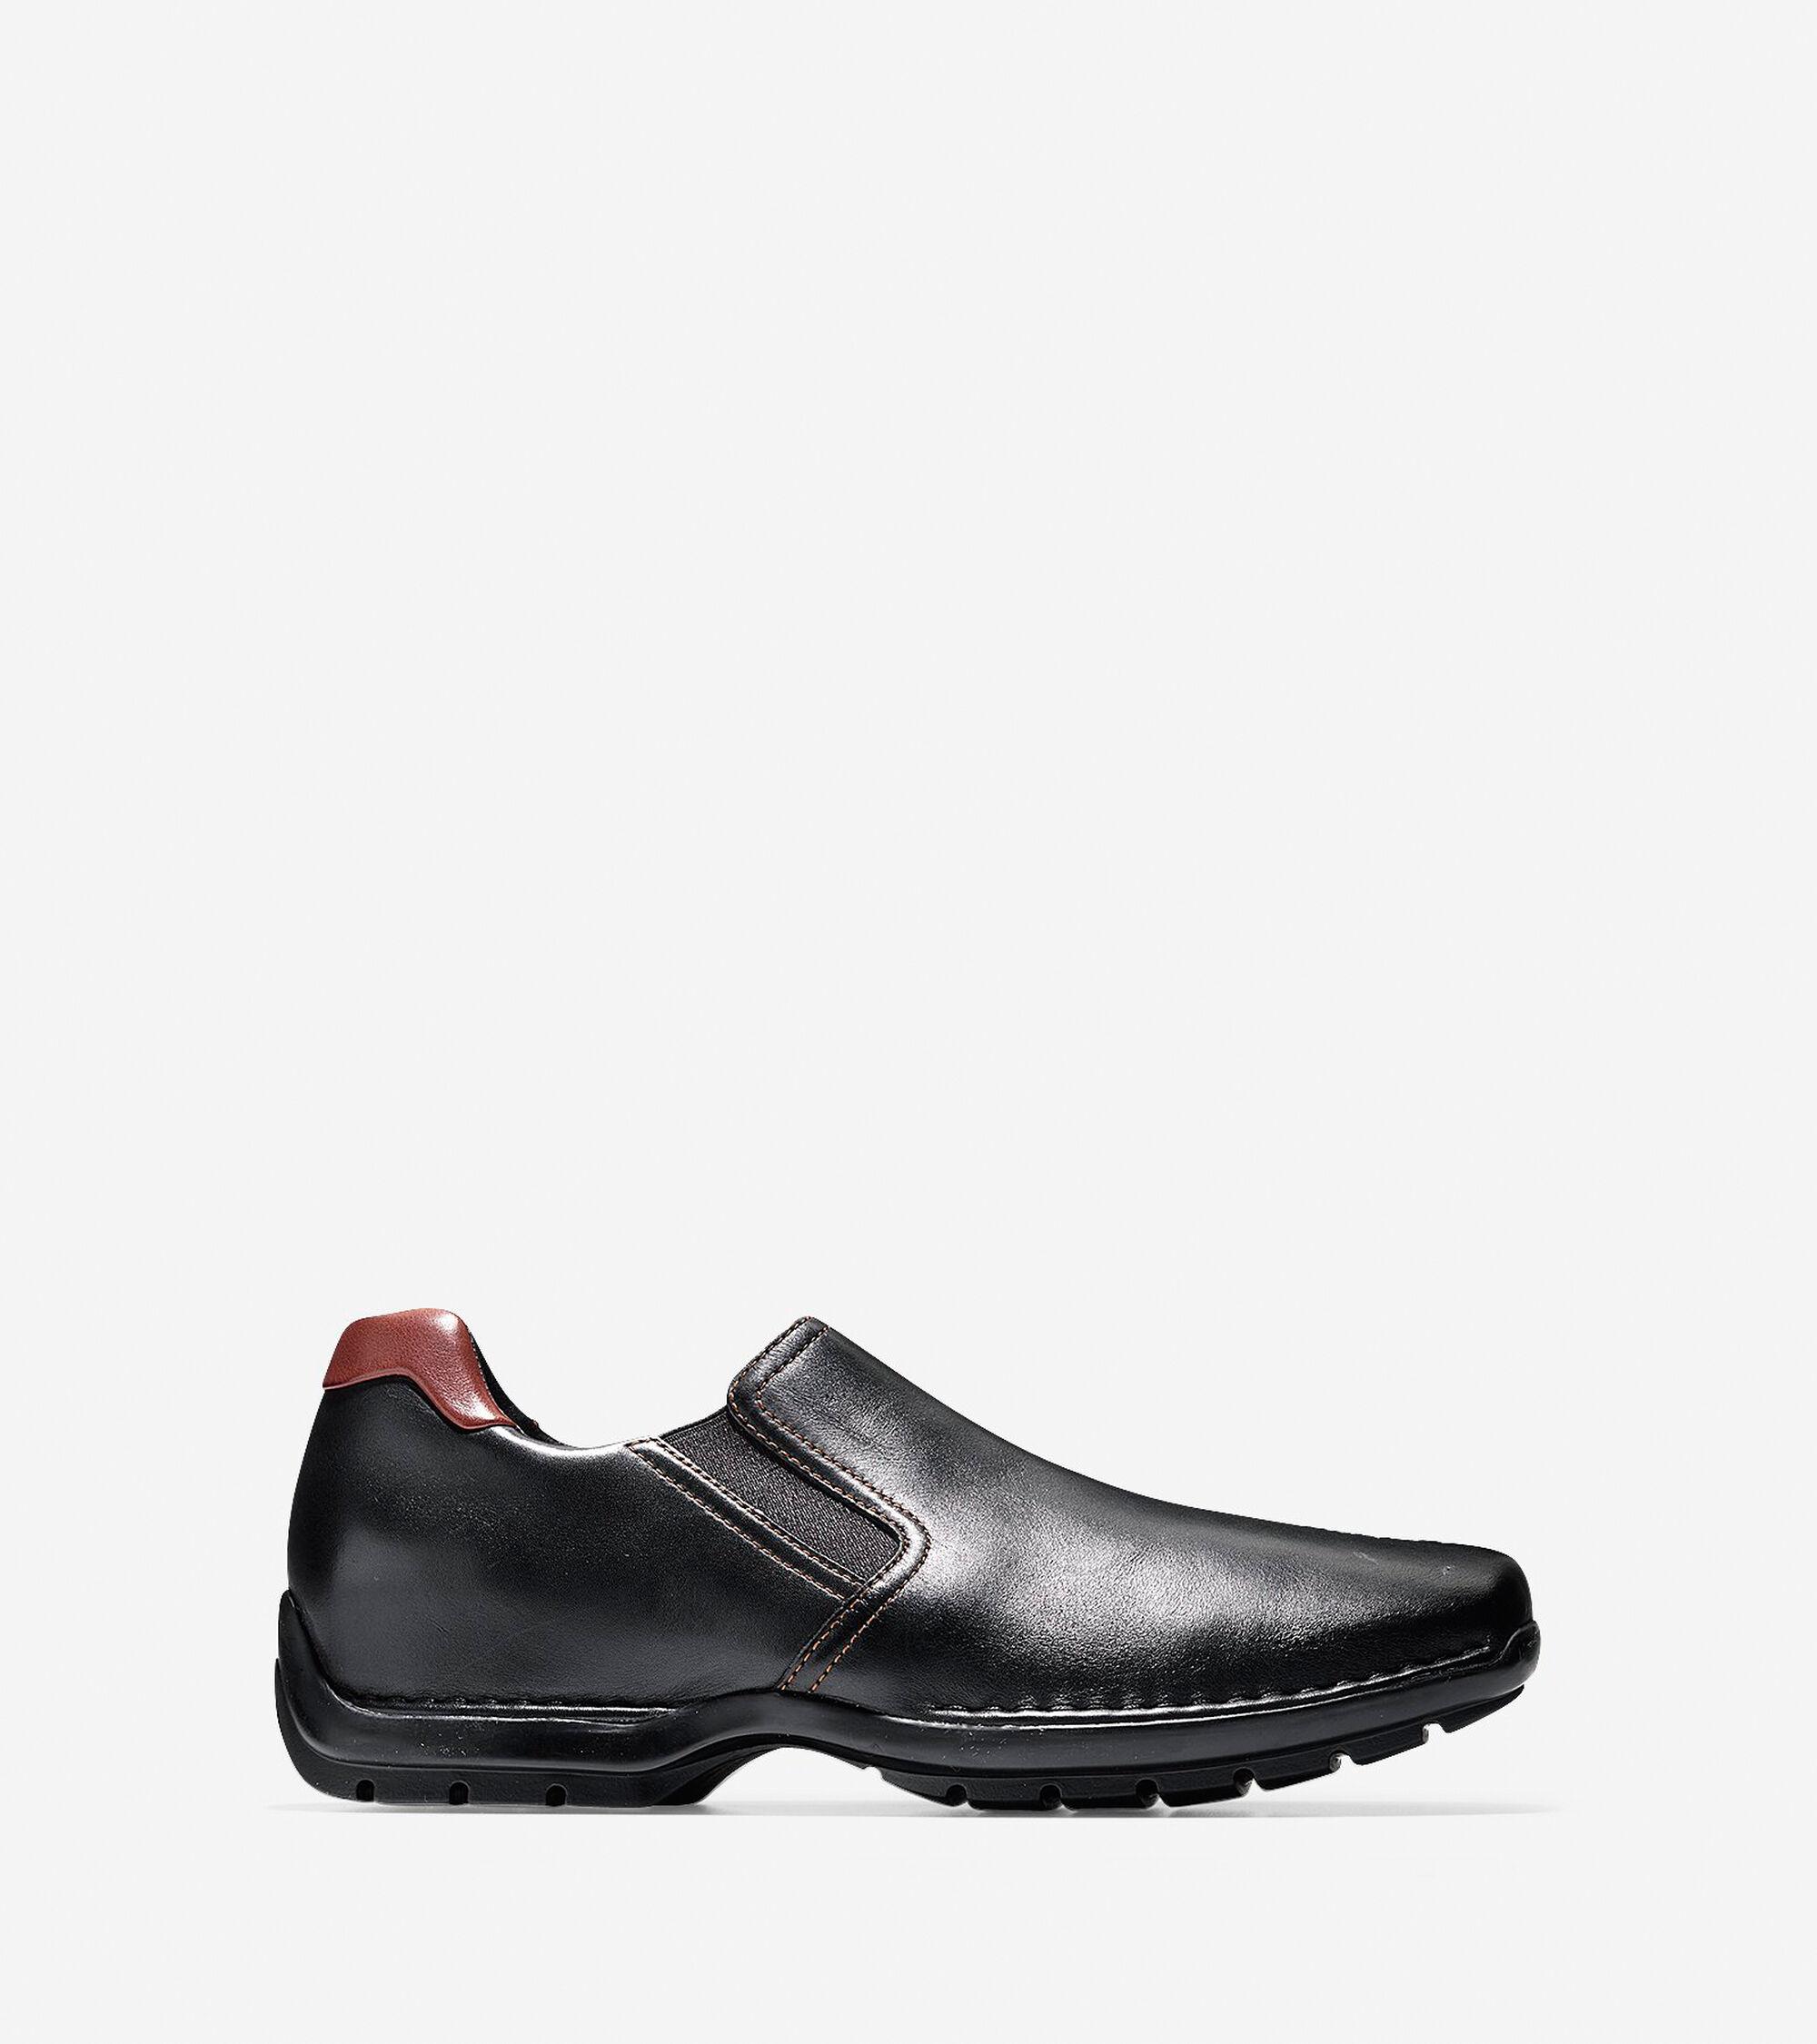 639cedb8ee9 Cole Haan Zeno Slip-On Loafer in Black   ColeHaan.com